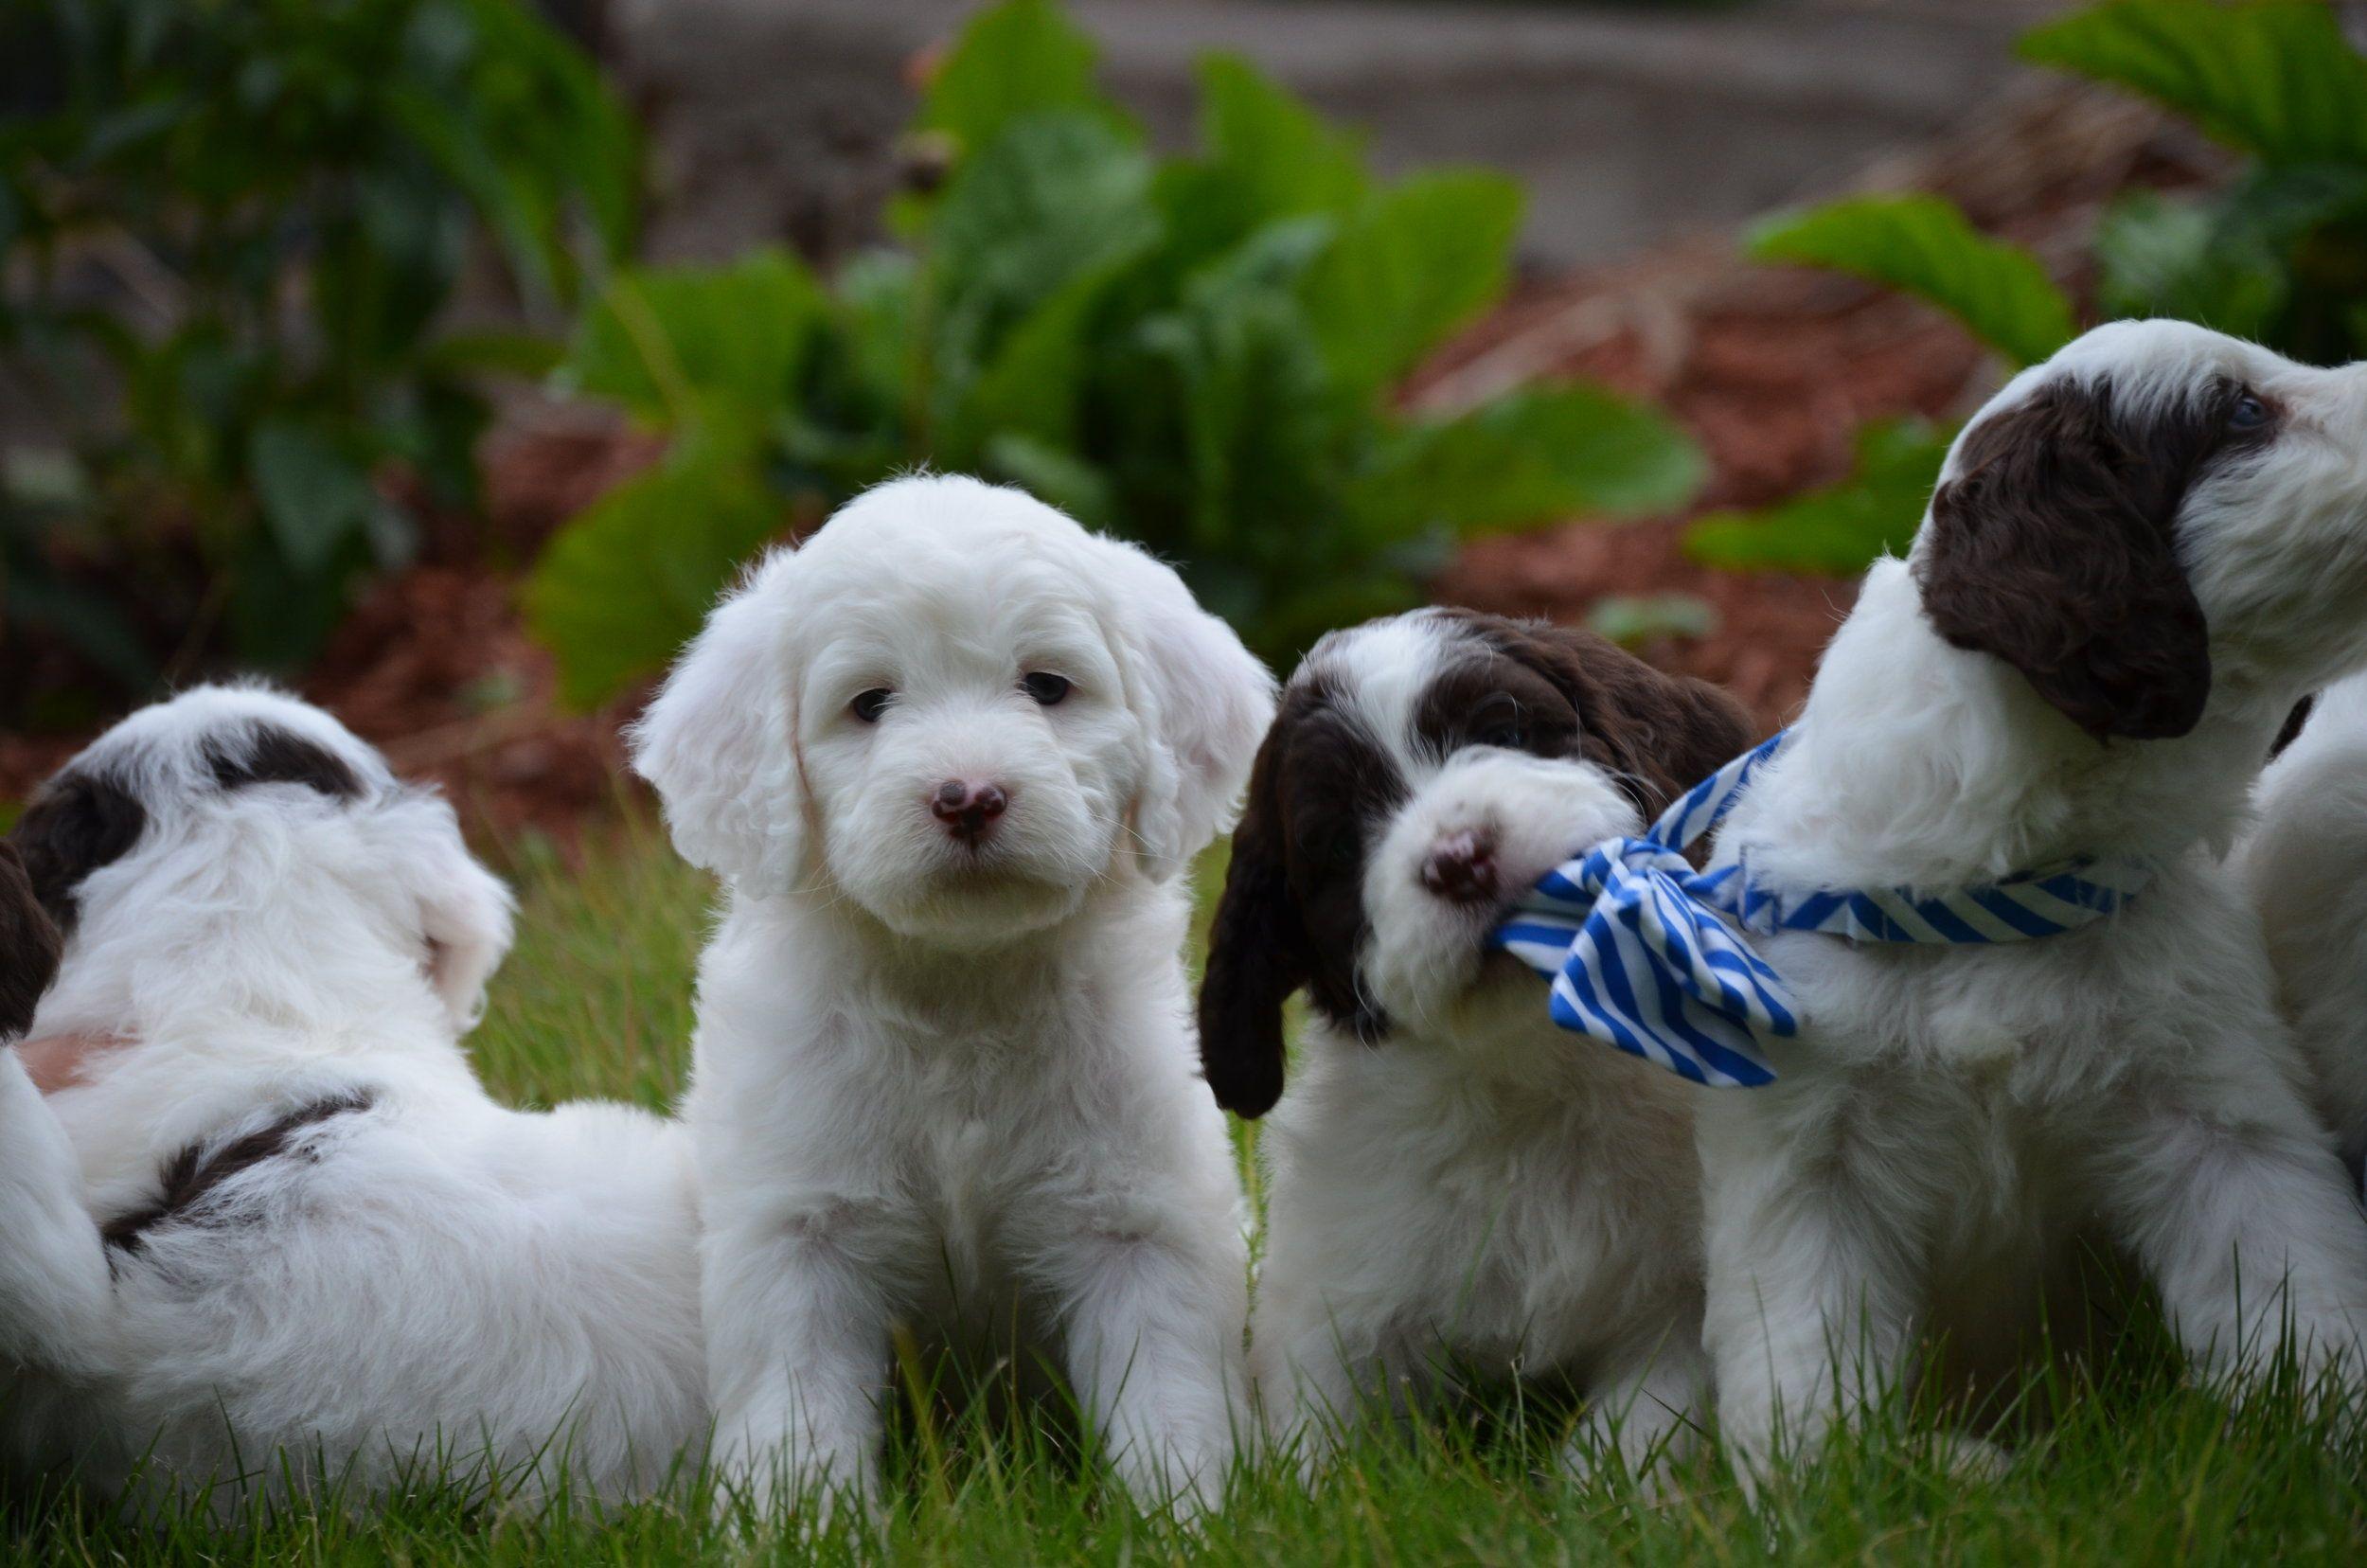 miniSpringerdoodles (9).JPG Springerdoodle, Toy dog